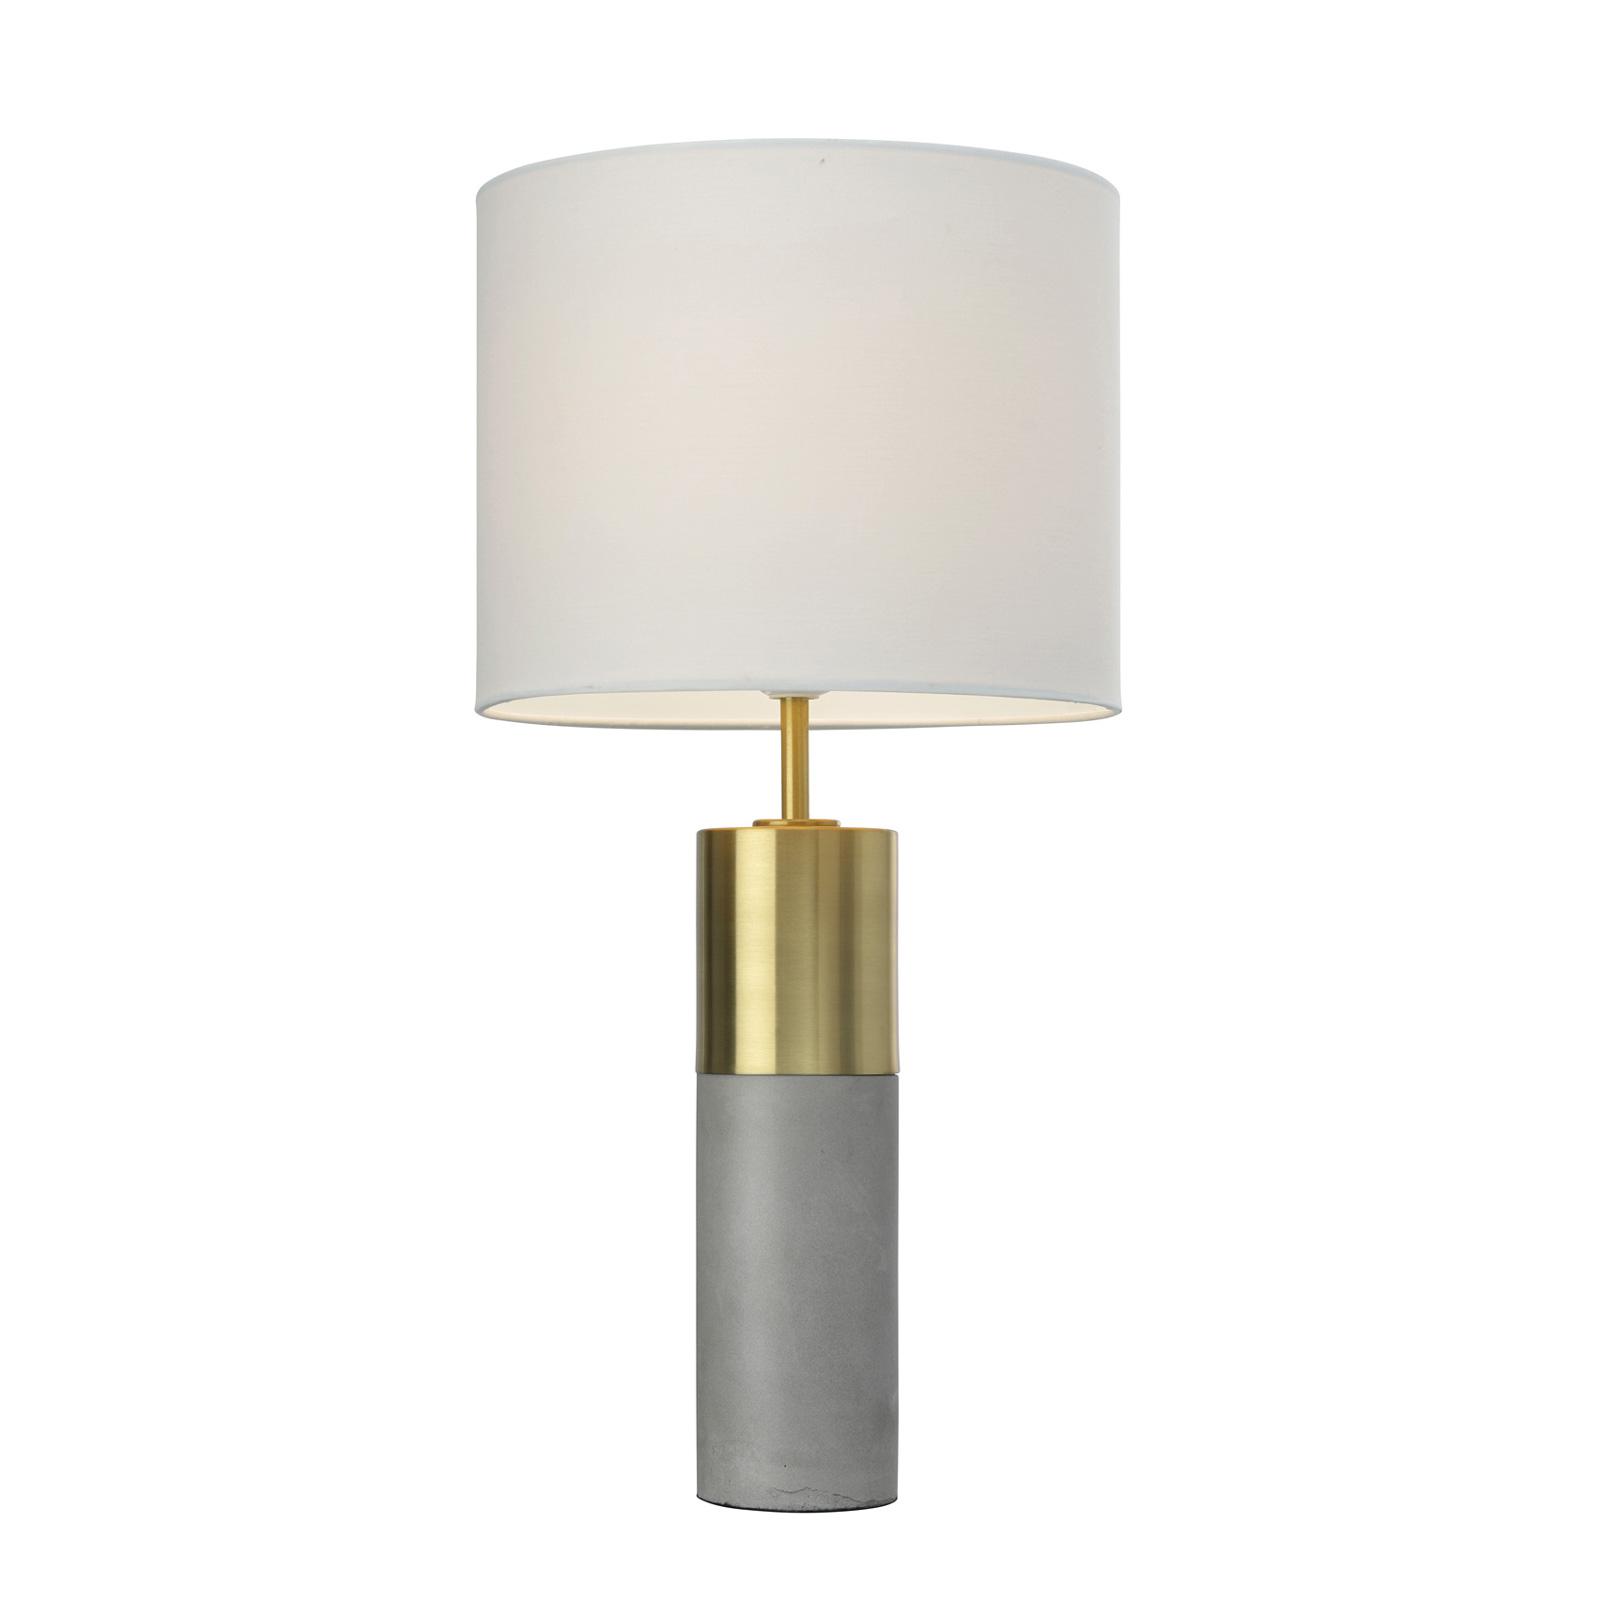 Villeroy & Boch Turin pöytälamppu betonijälj. 25cm